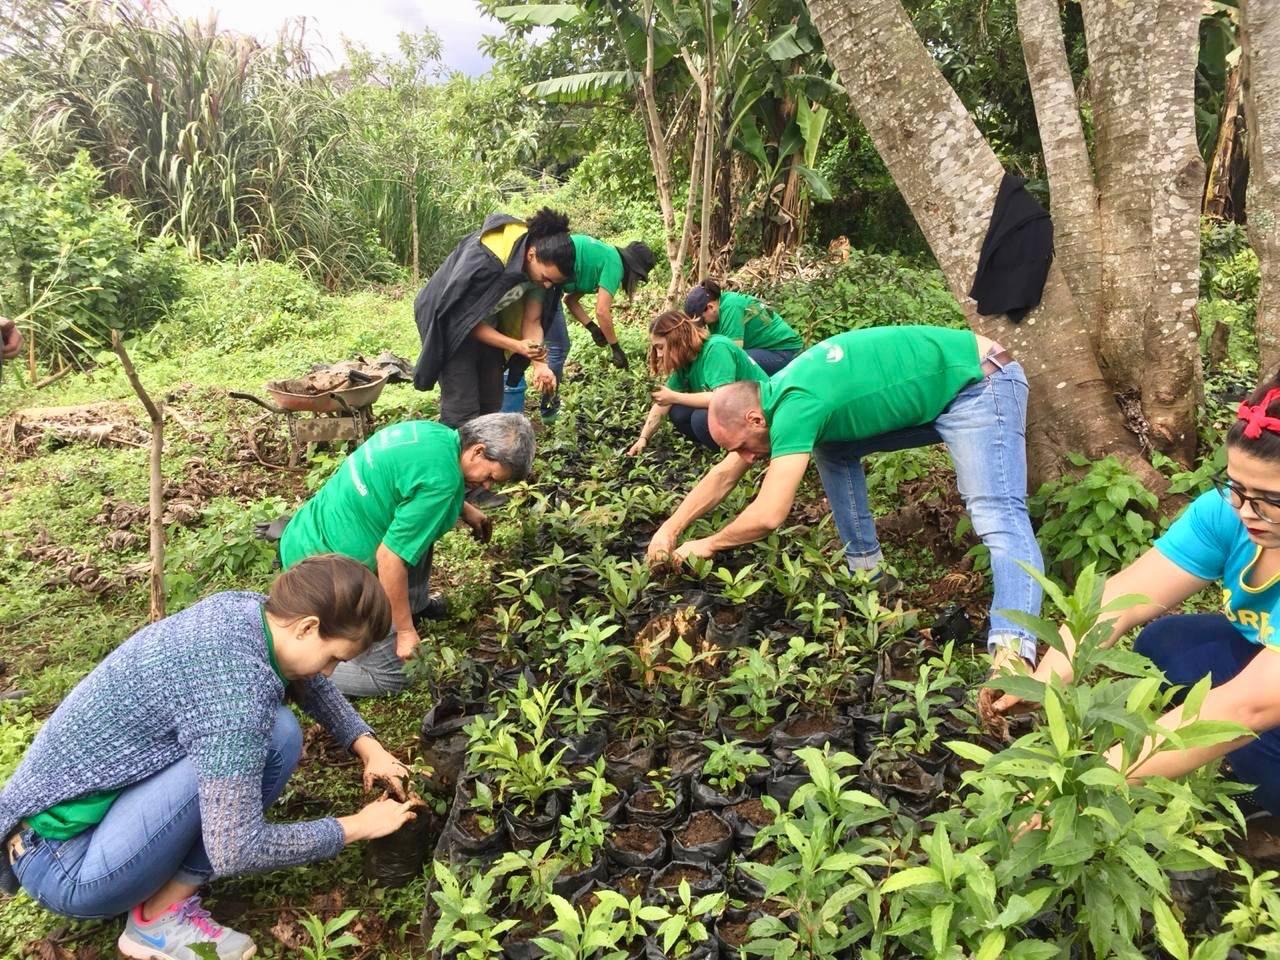 voluntariado-reforestacion